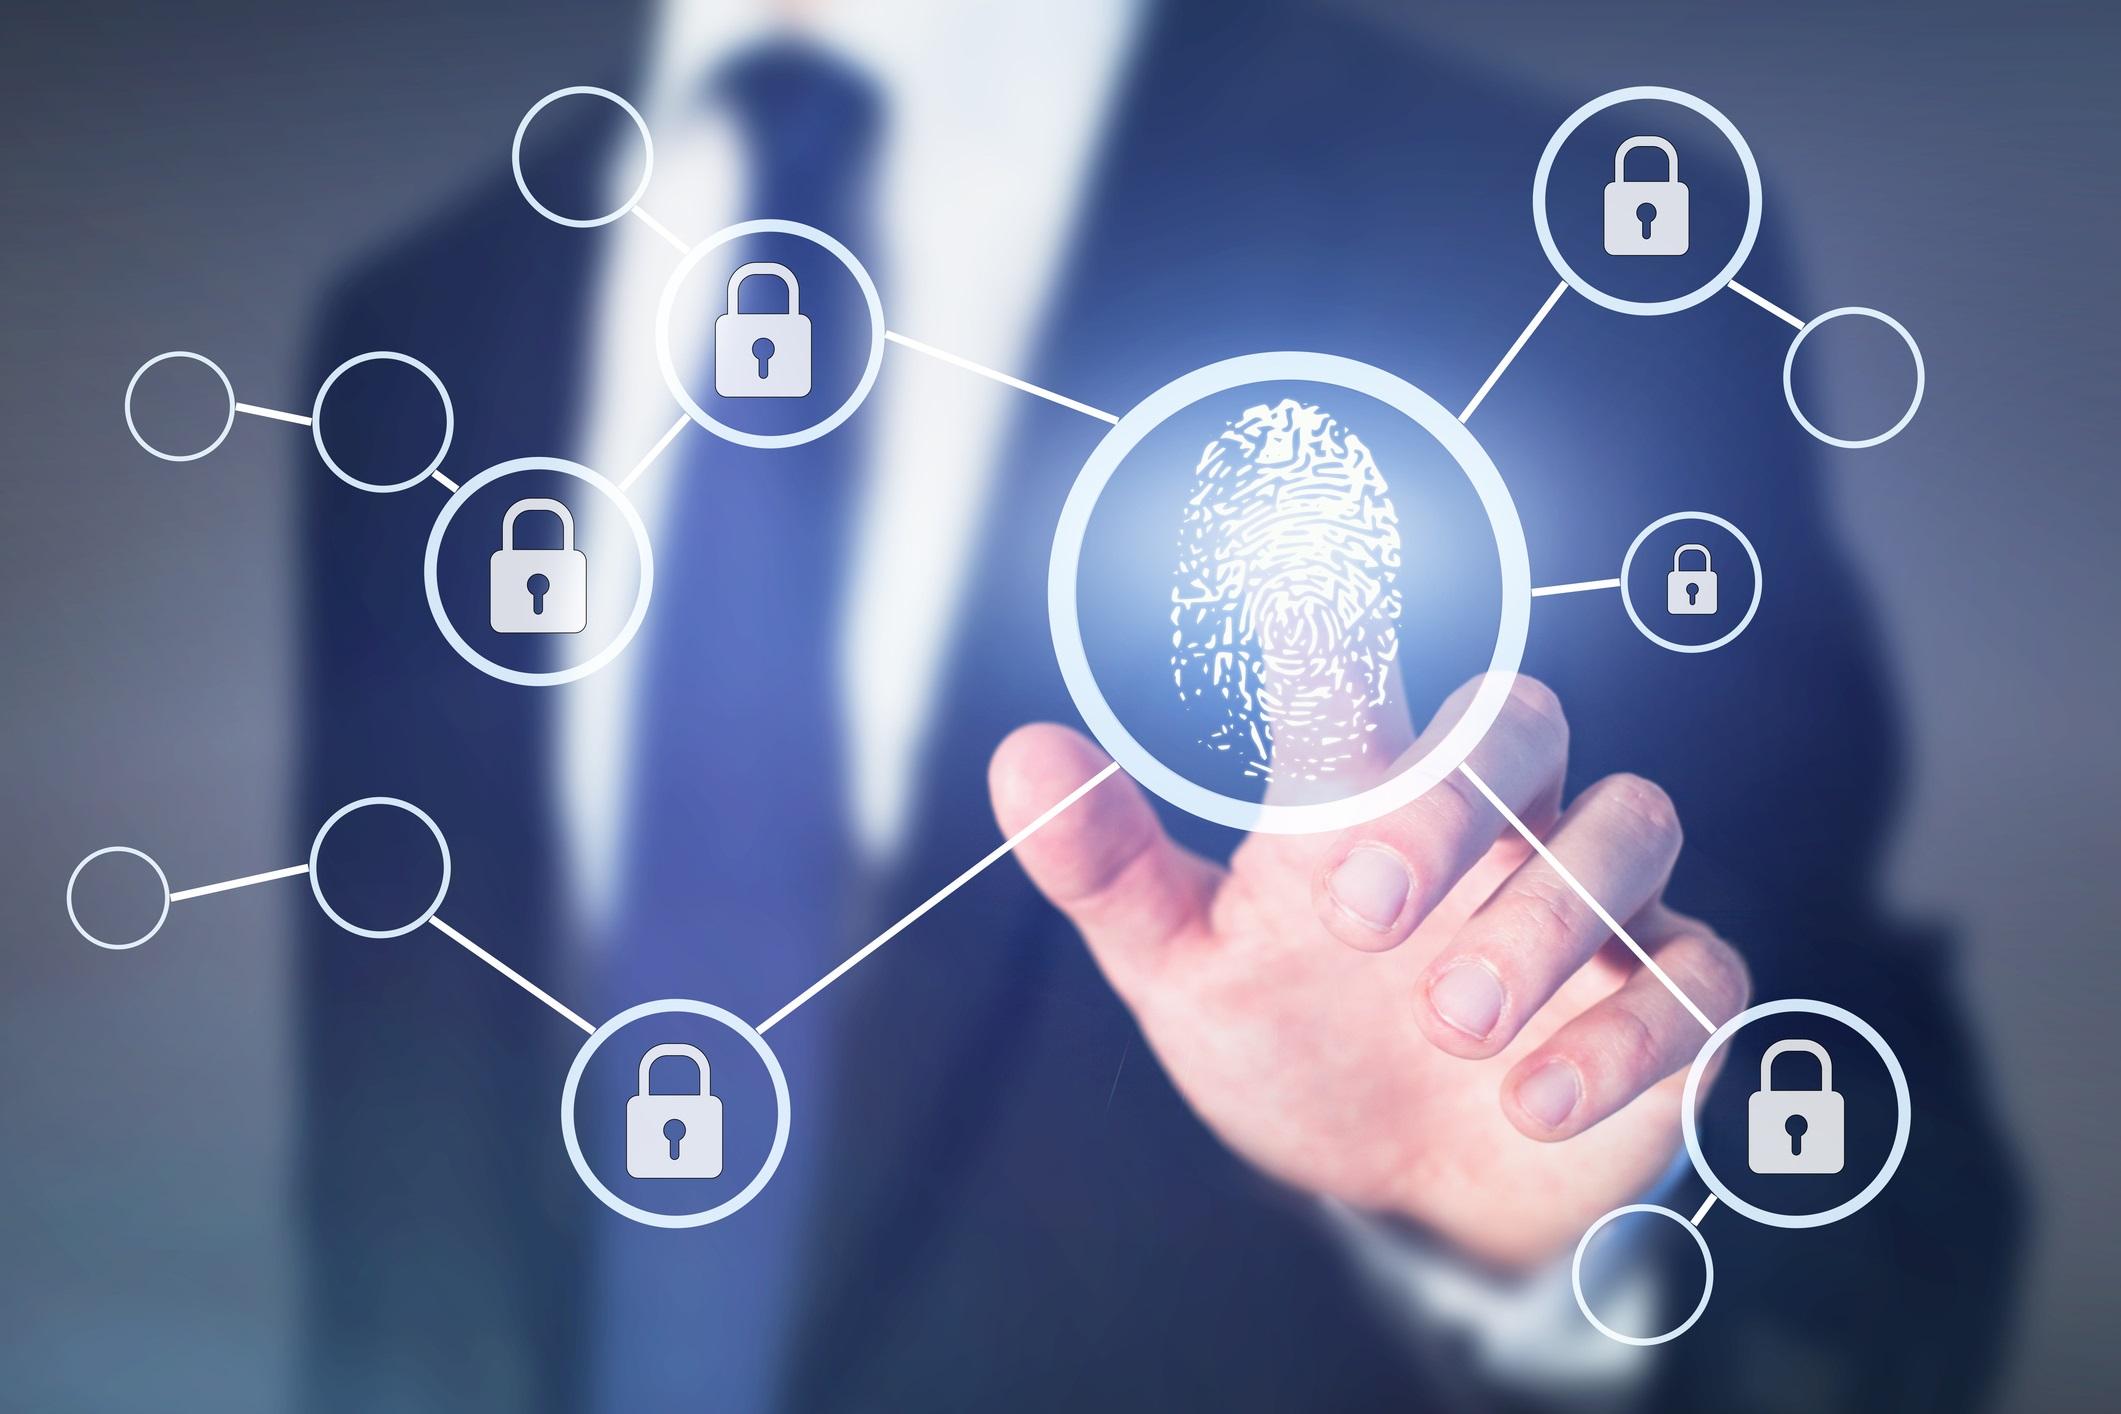 fingerprint authorisation access concept, data information security